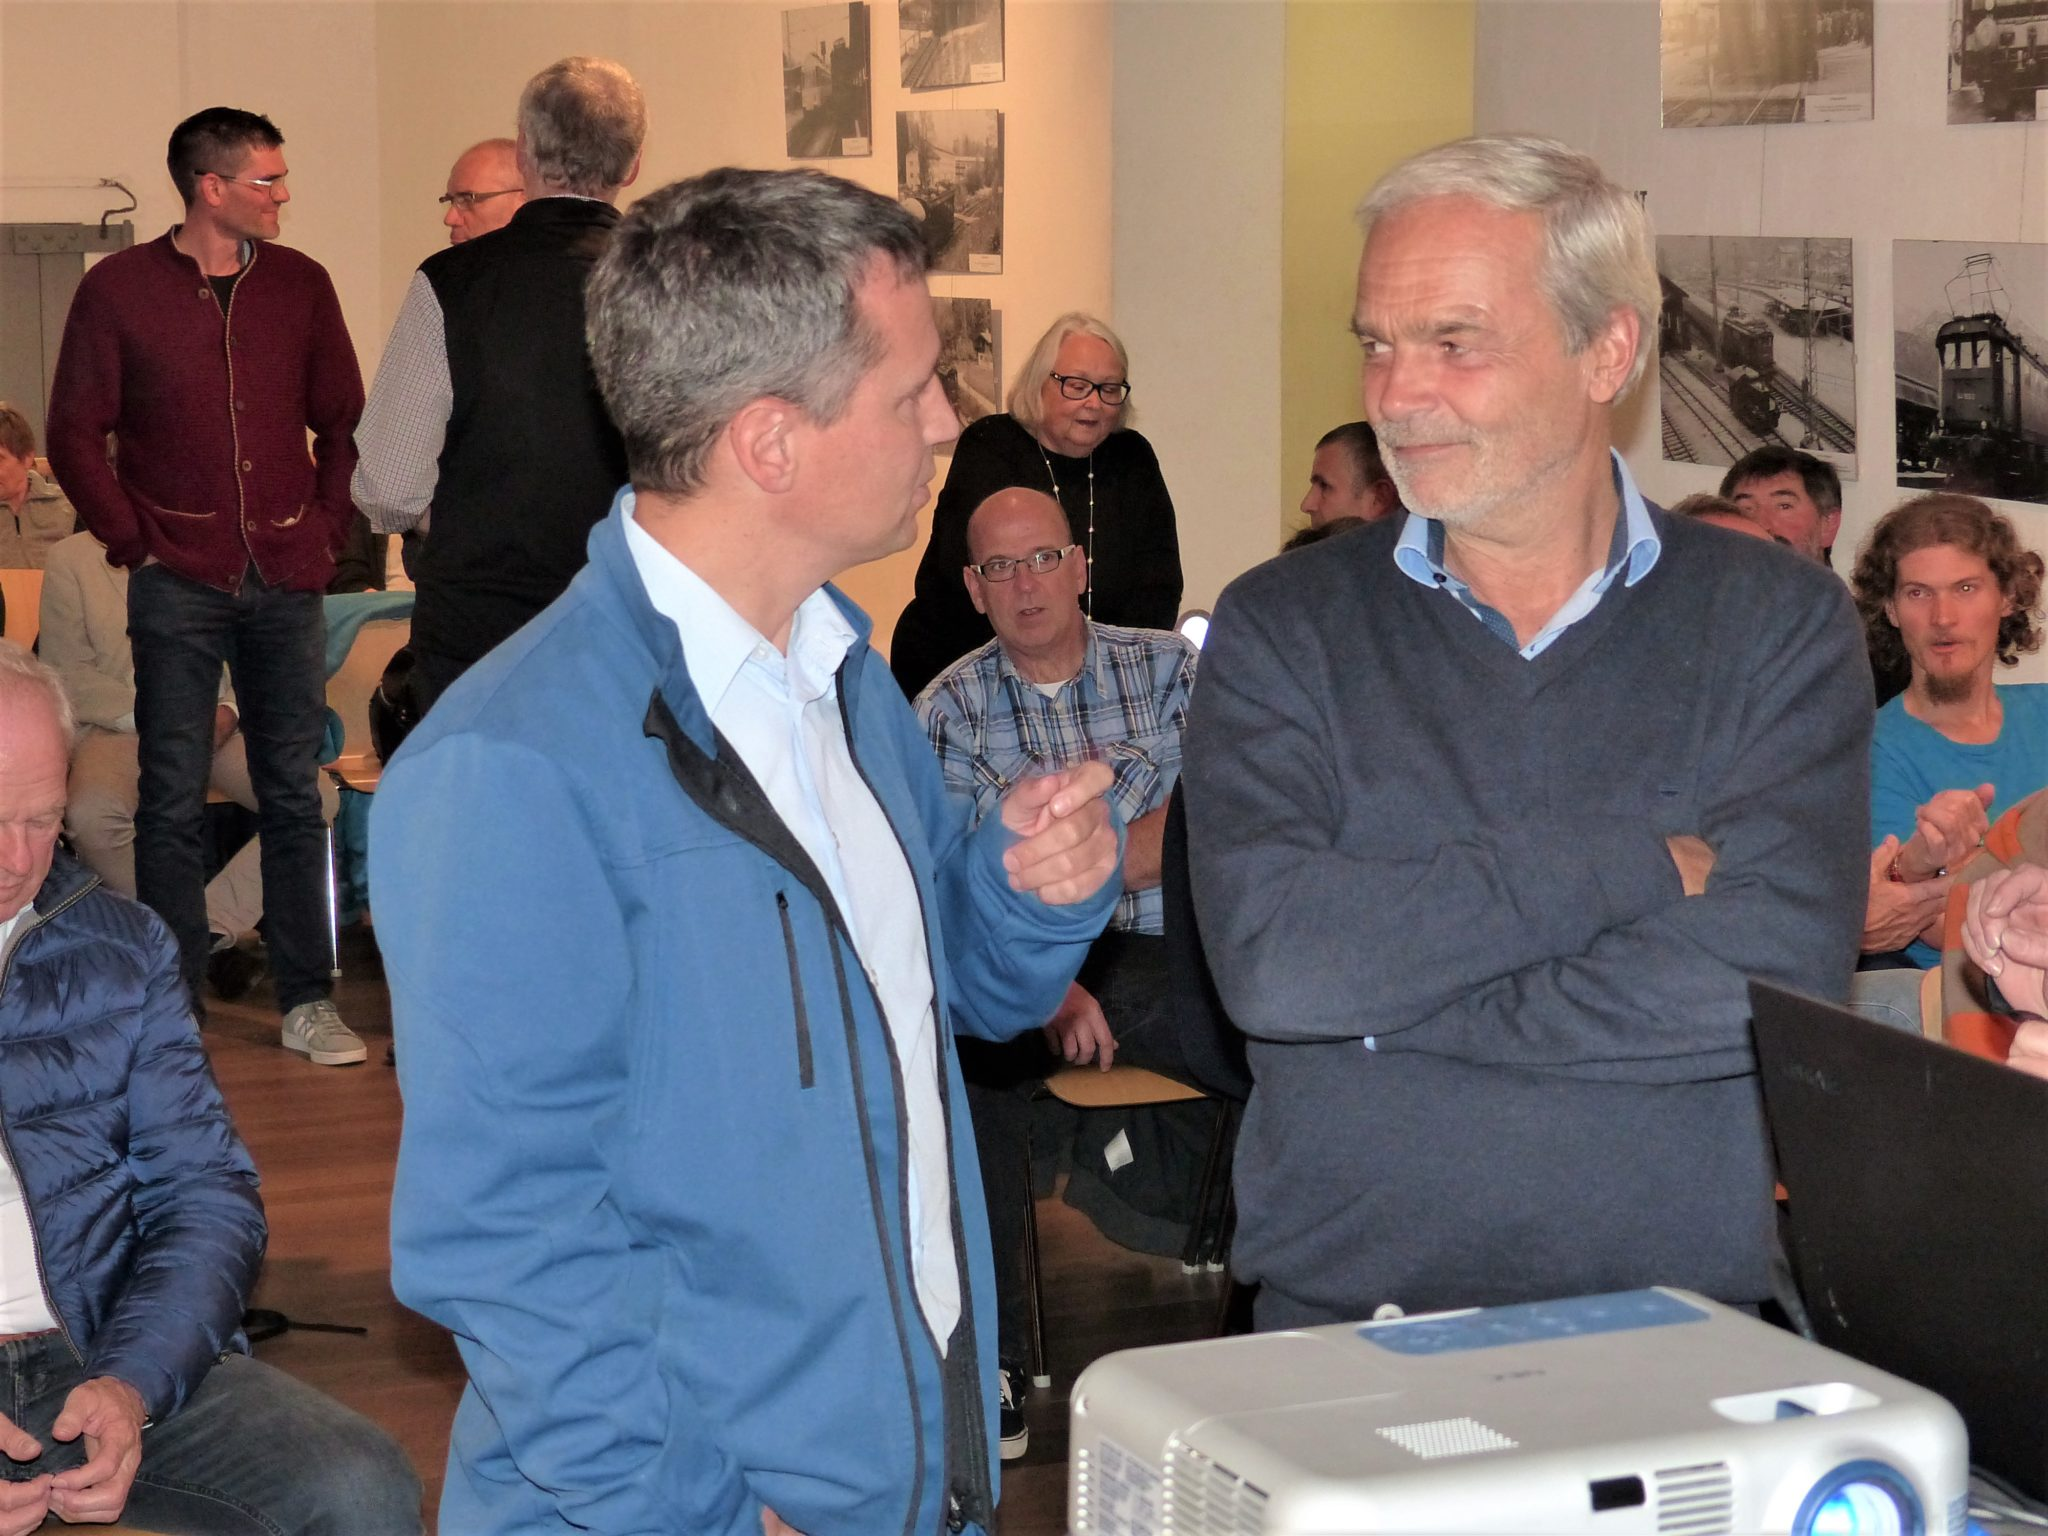 Markus Hiebl | unabhängiger Bürgermeisterkandidat Freilassing im Gespräch mit Landratskandidat Bartl Wimmer von Die Grüne/Bündnis 90 (Bild: Walter Krippes)